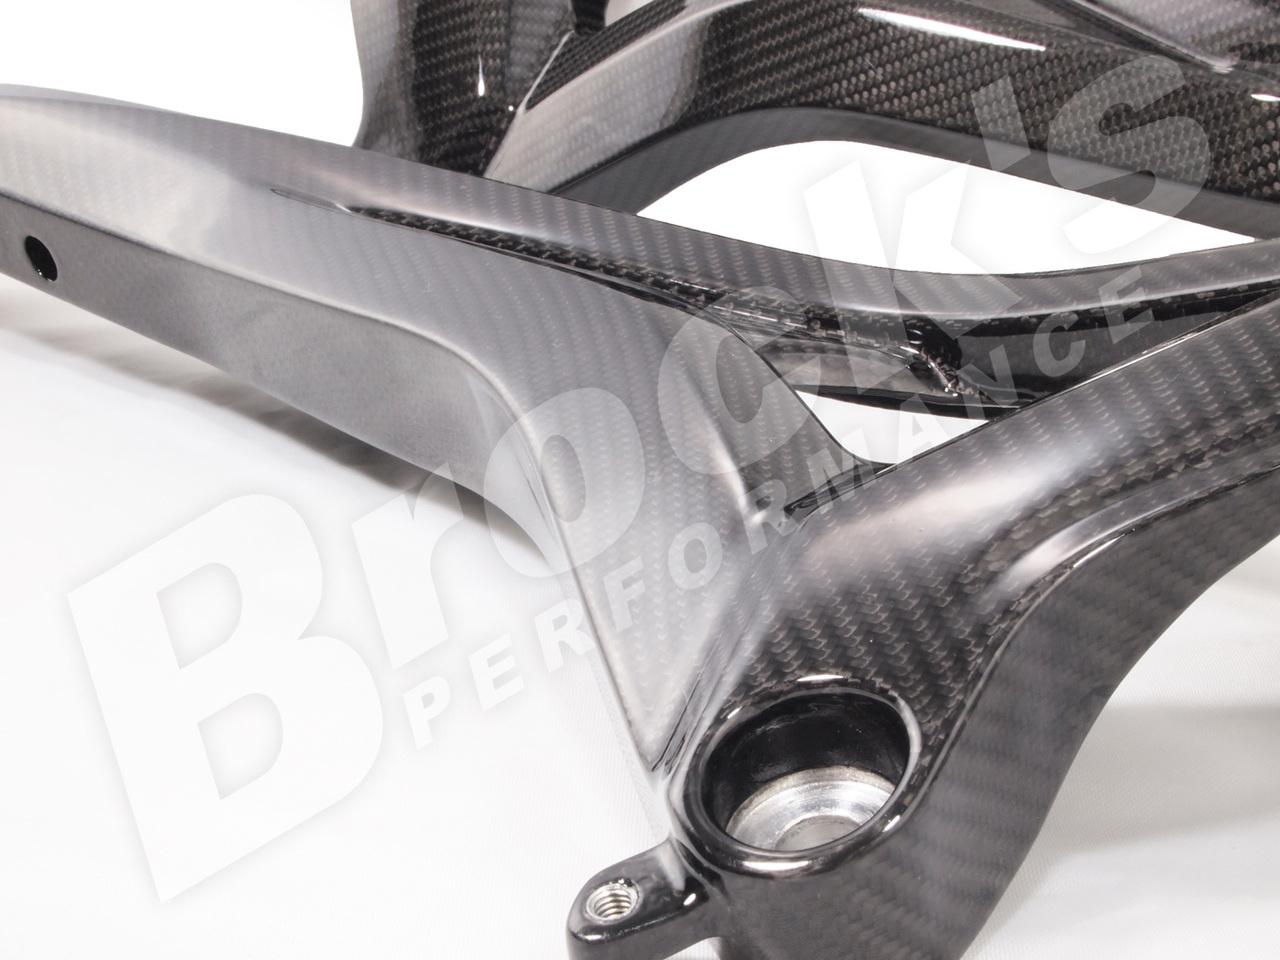 Carbon Fiber Rear Frame Kit Monster Models 696 796 1100 1100s Evo